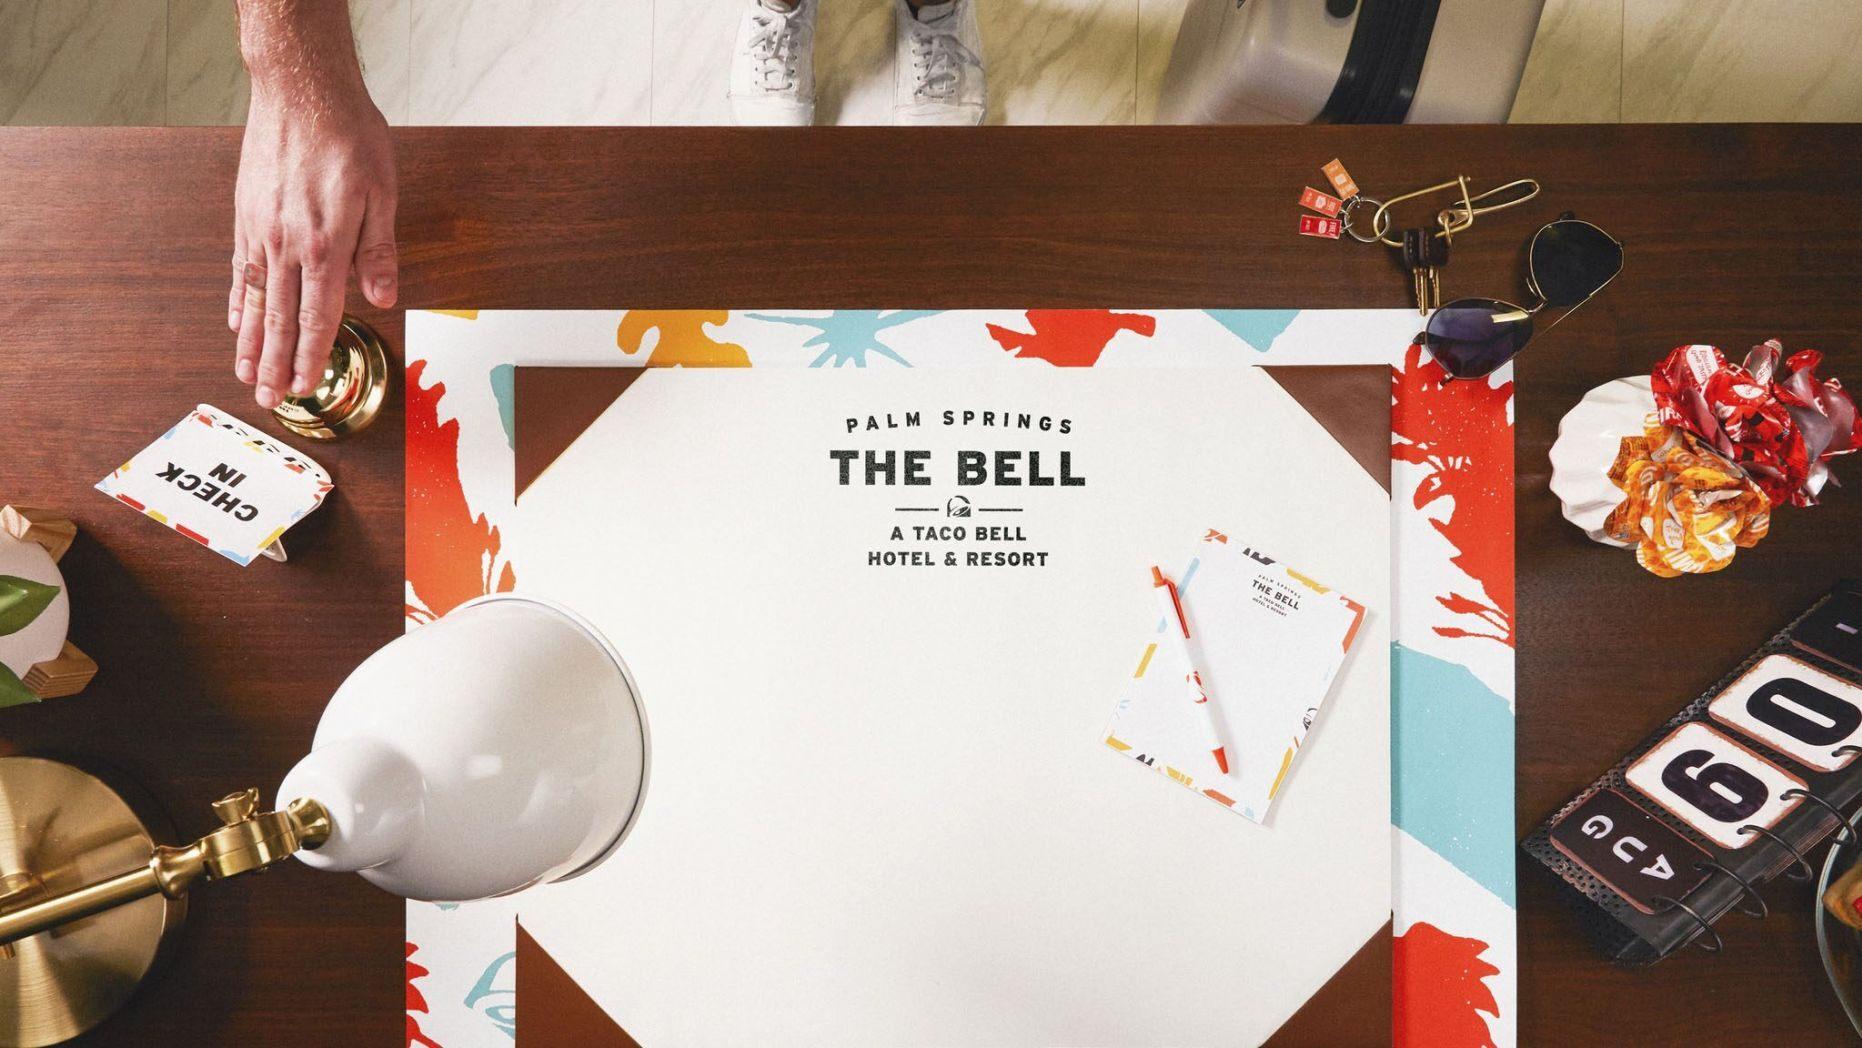 Crean el primer hotel temático de tacos